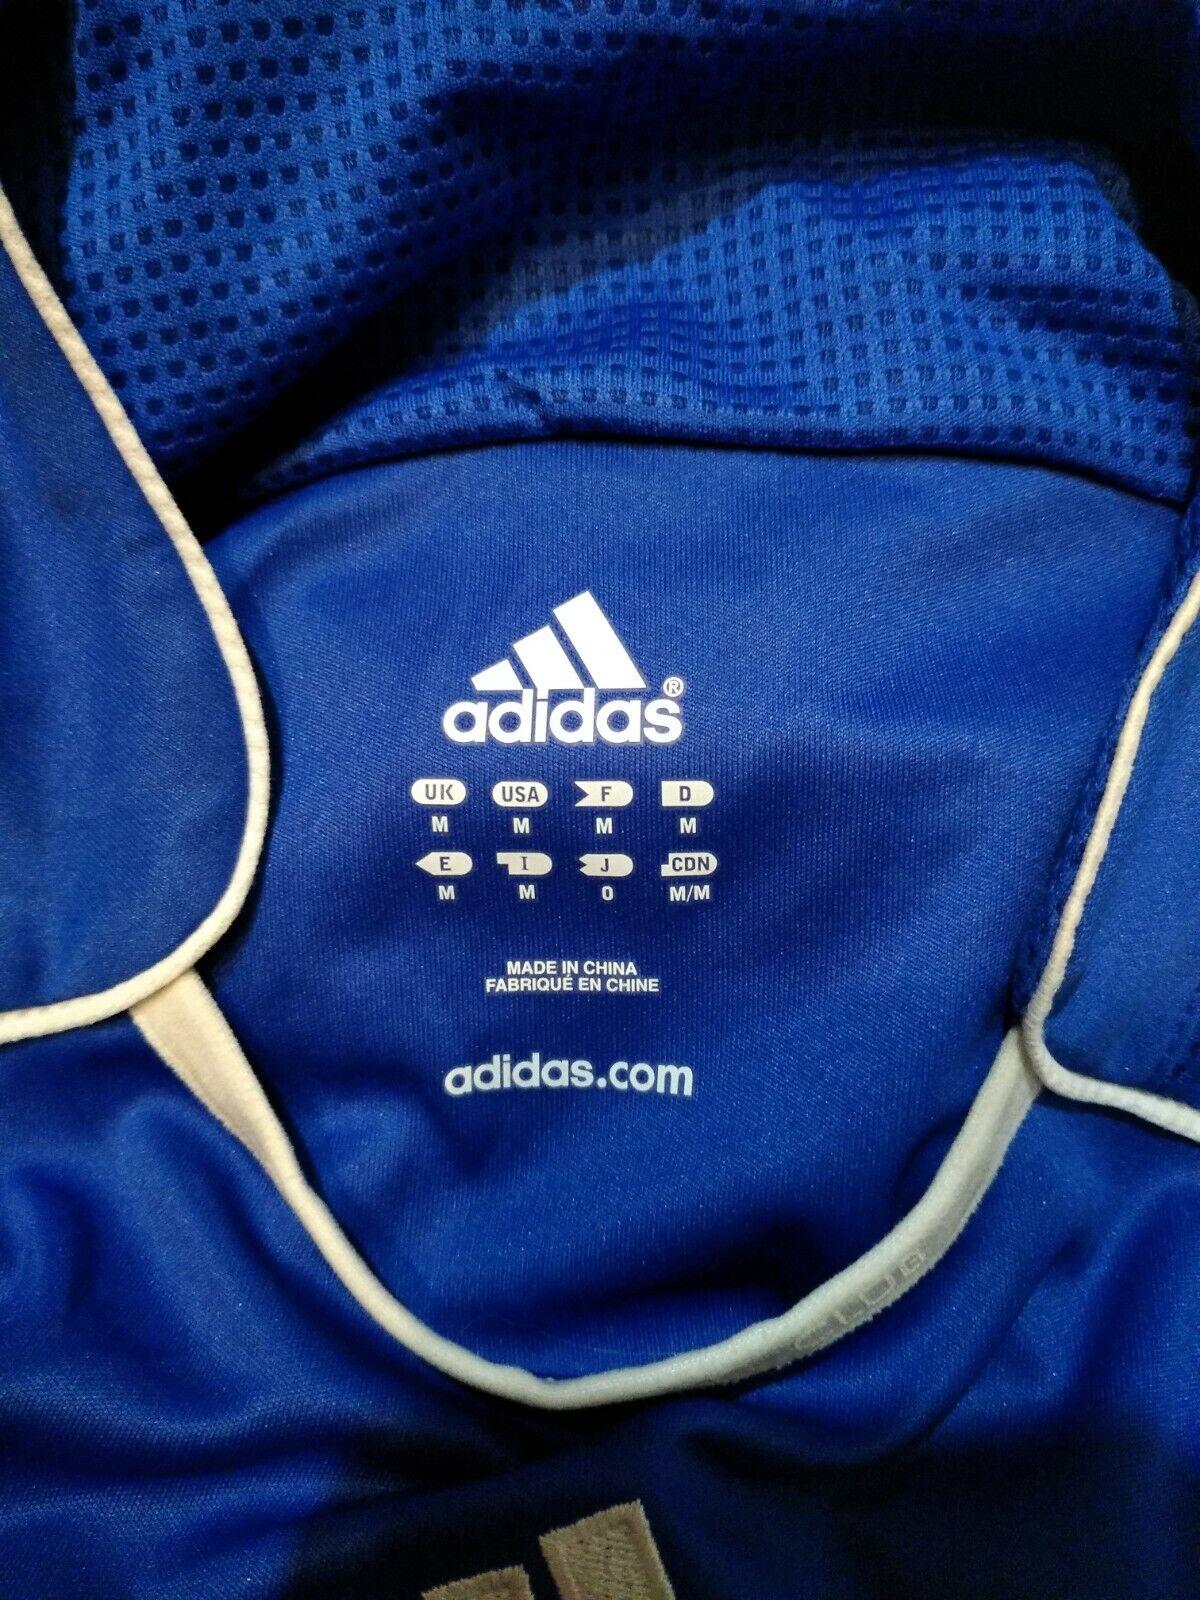 Größe M Chelsea 2006-2008 Home Football Shirt Jersey Jersey Jersey Adidas a5d42d